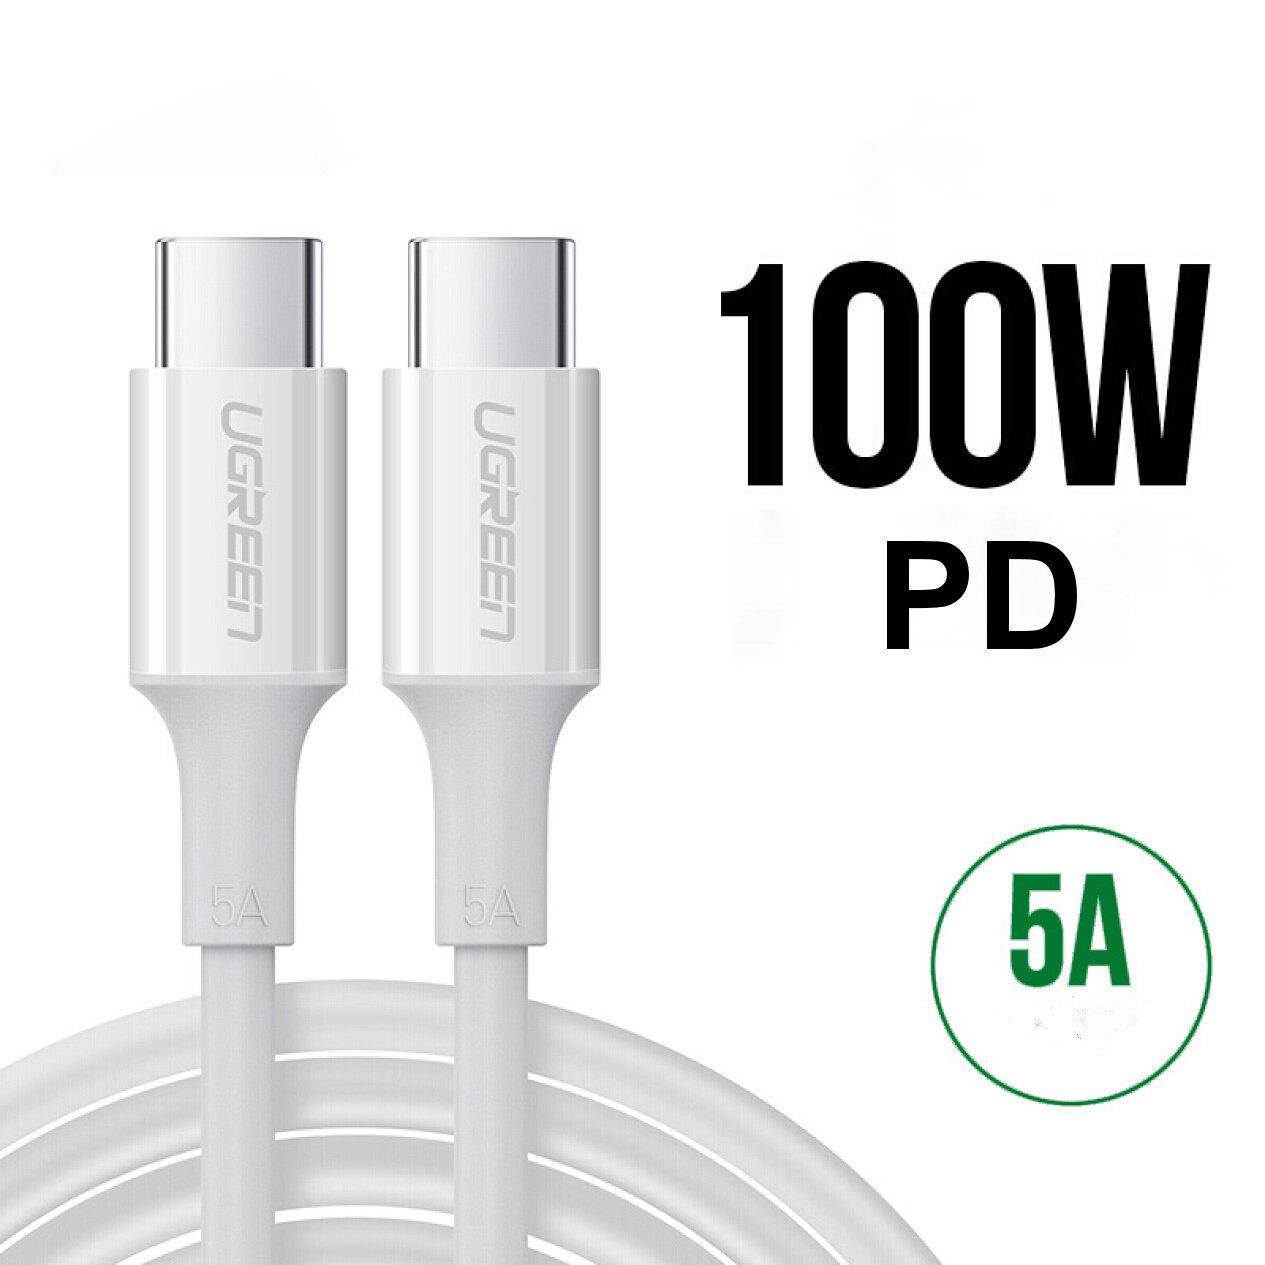 Cáp sạc USB-C sang USB-C UGREEN US300 - Hỗ trợ sạc nhanh công suất tối đa 100W, dòng 5A dài 1-2m